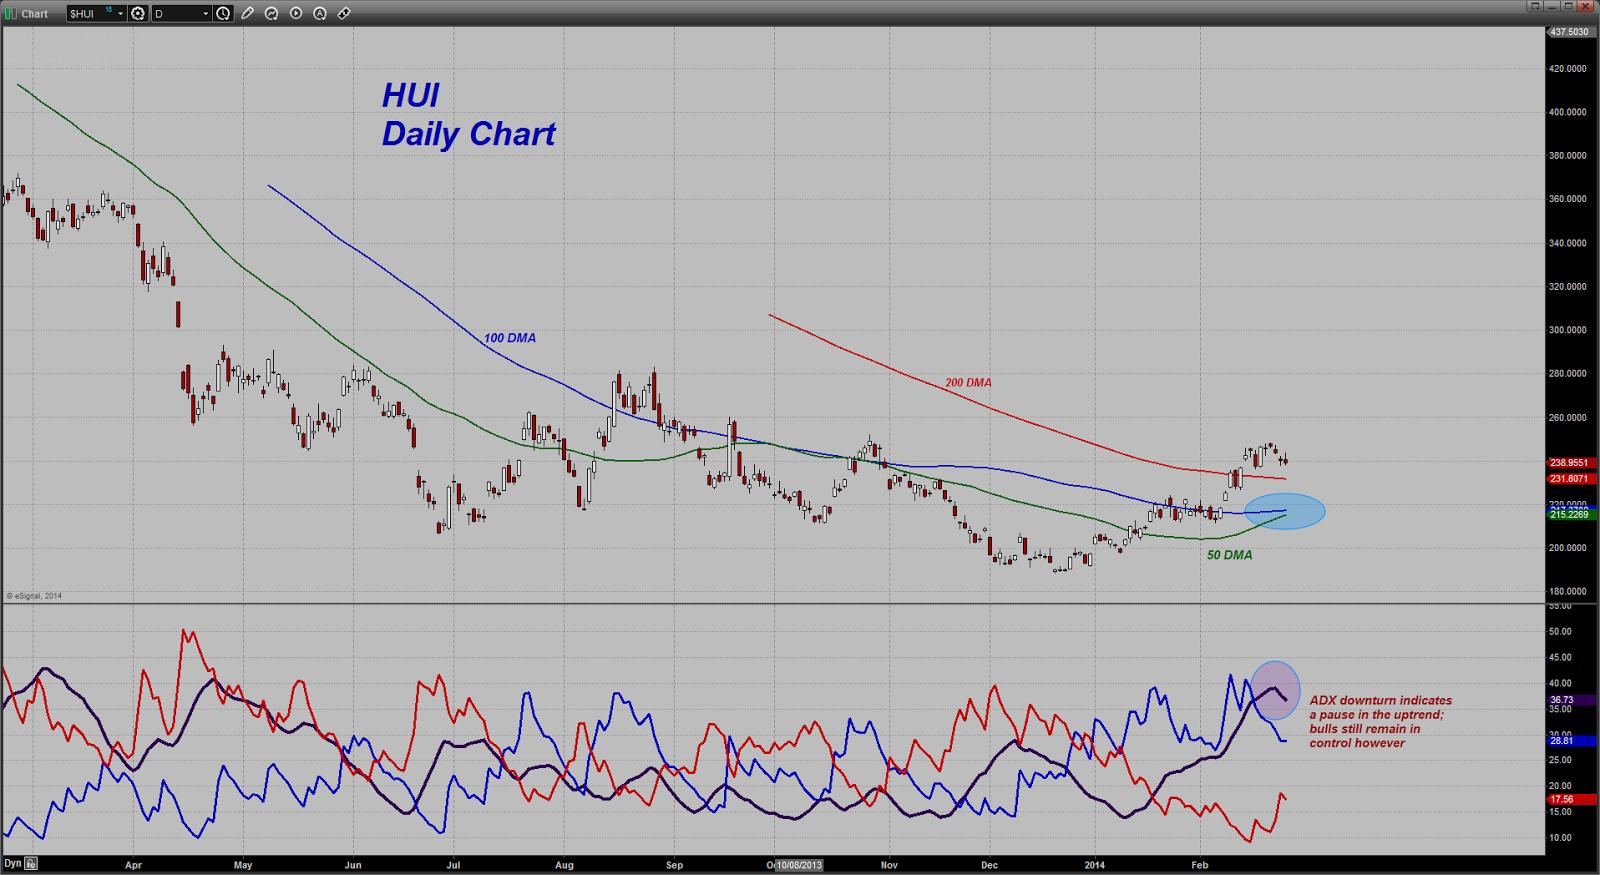 prix de l'or, de l'argent et des minières / suivi quotidien en clôture - Page 10 Chart20140227143009